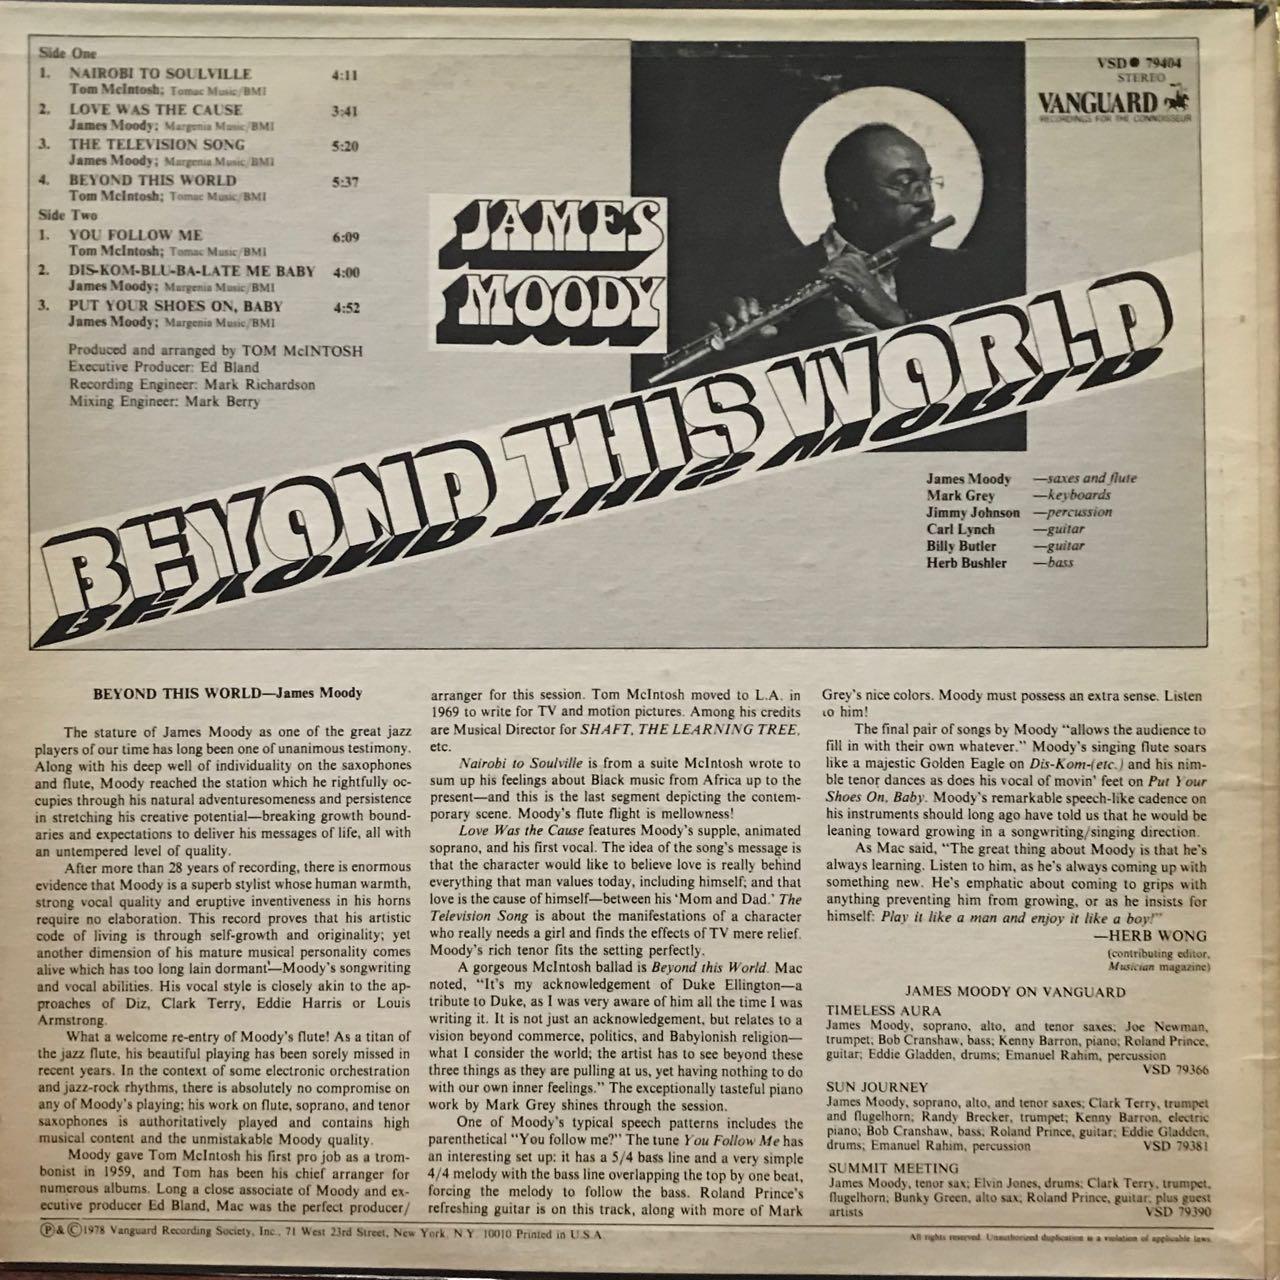 BEYOND THIS WORLD/JAMES MOODY/中古レコード通販 SOUL CLAP(ソウルクラップ)